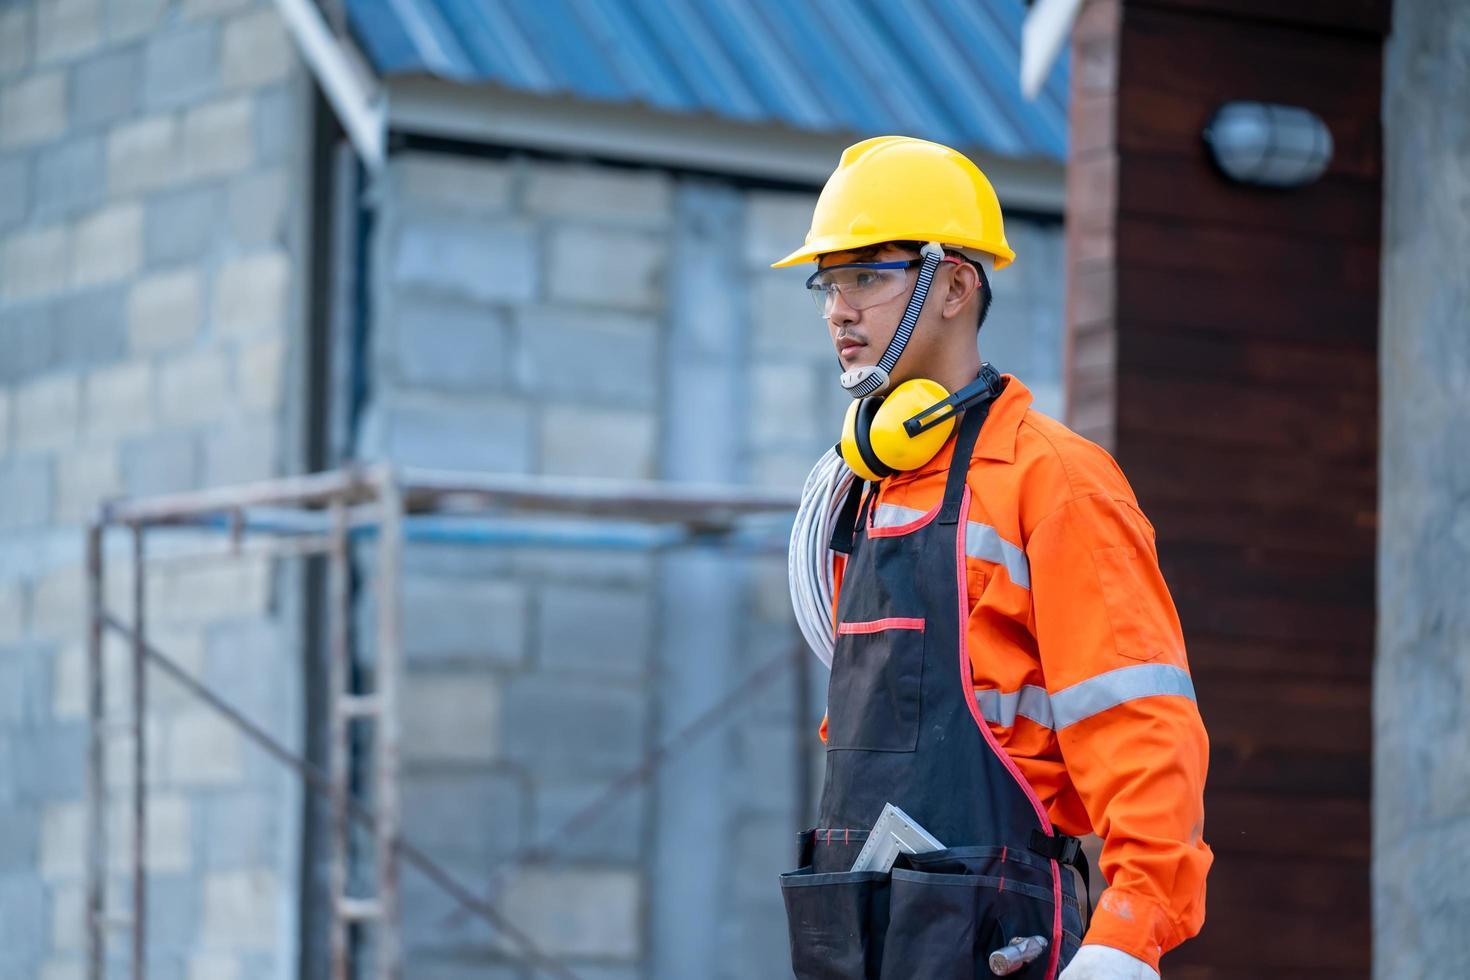 professionell på byggarbetsplatsen foto